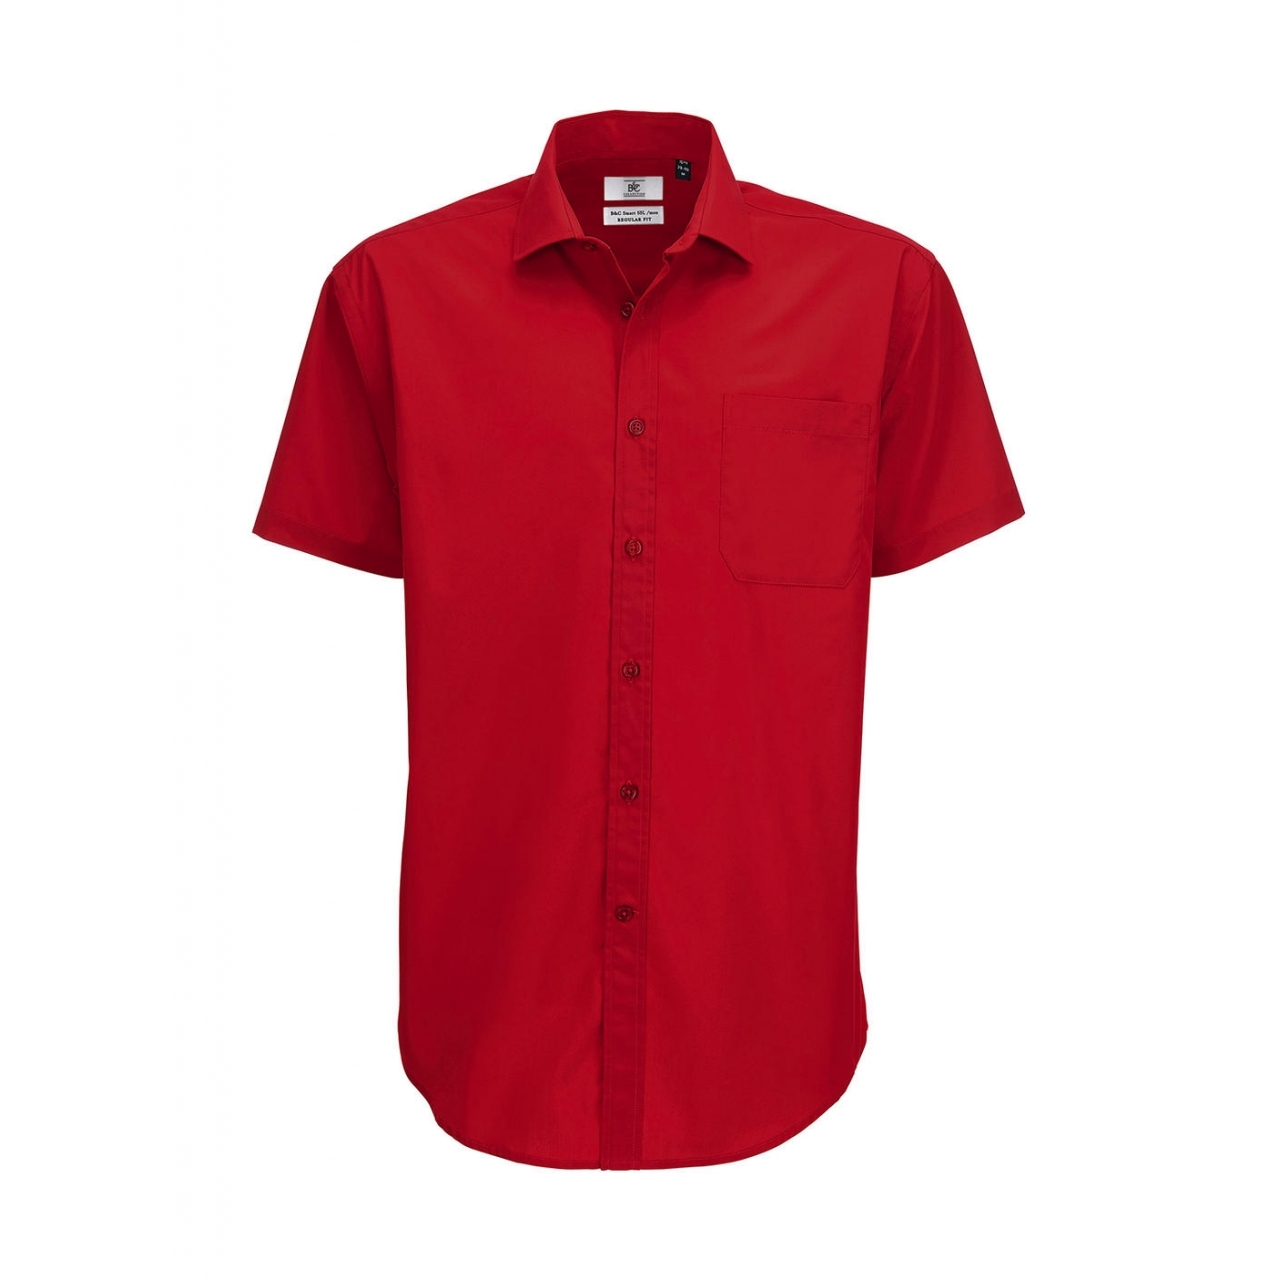 Košile pánská B&C Smart s krátkým rukávem - červená